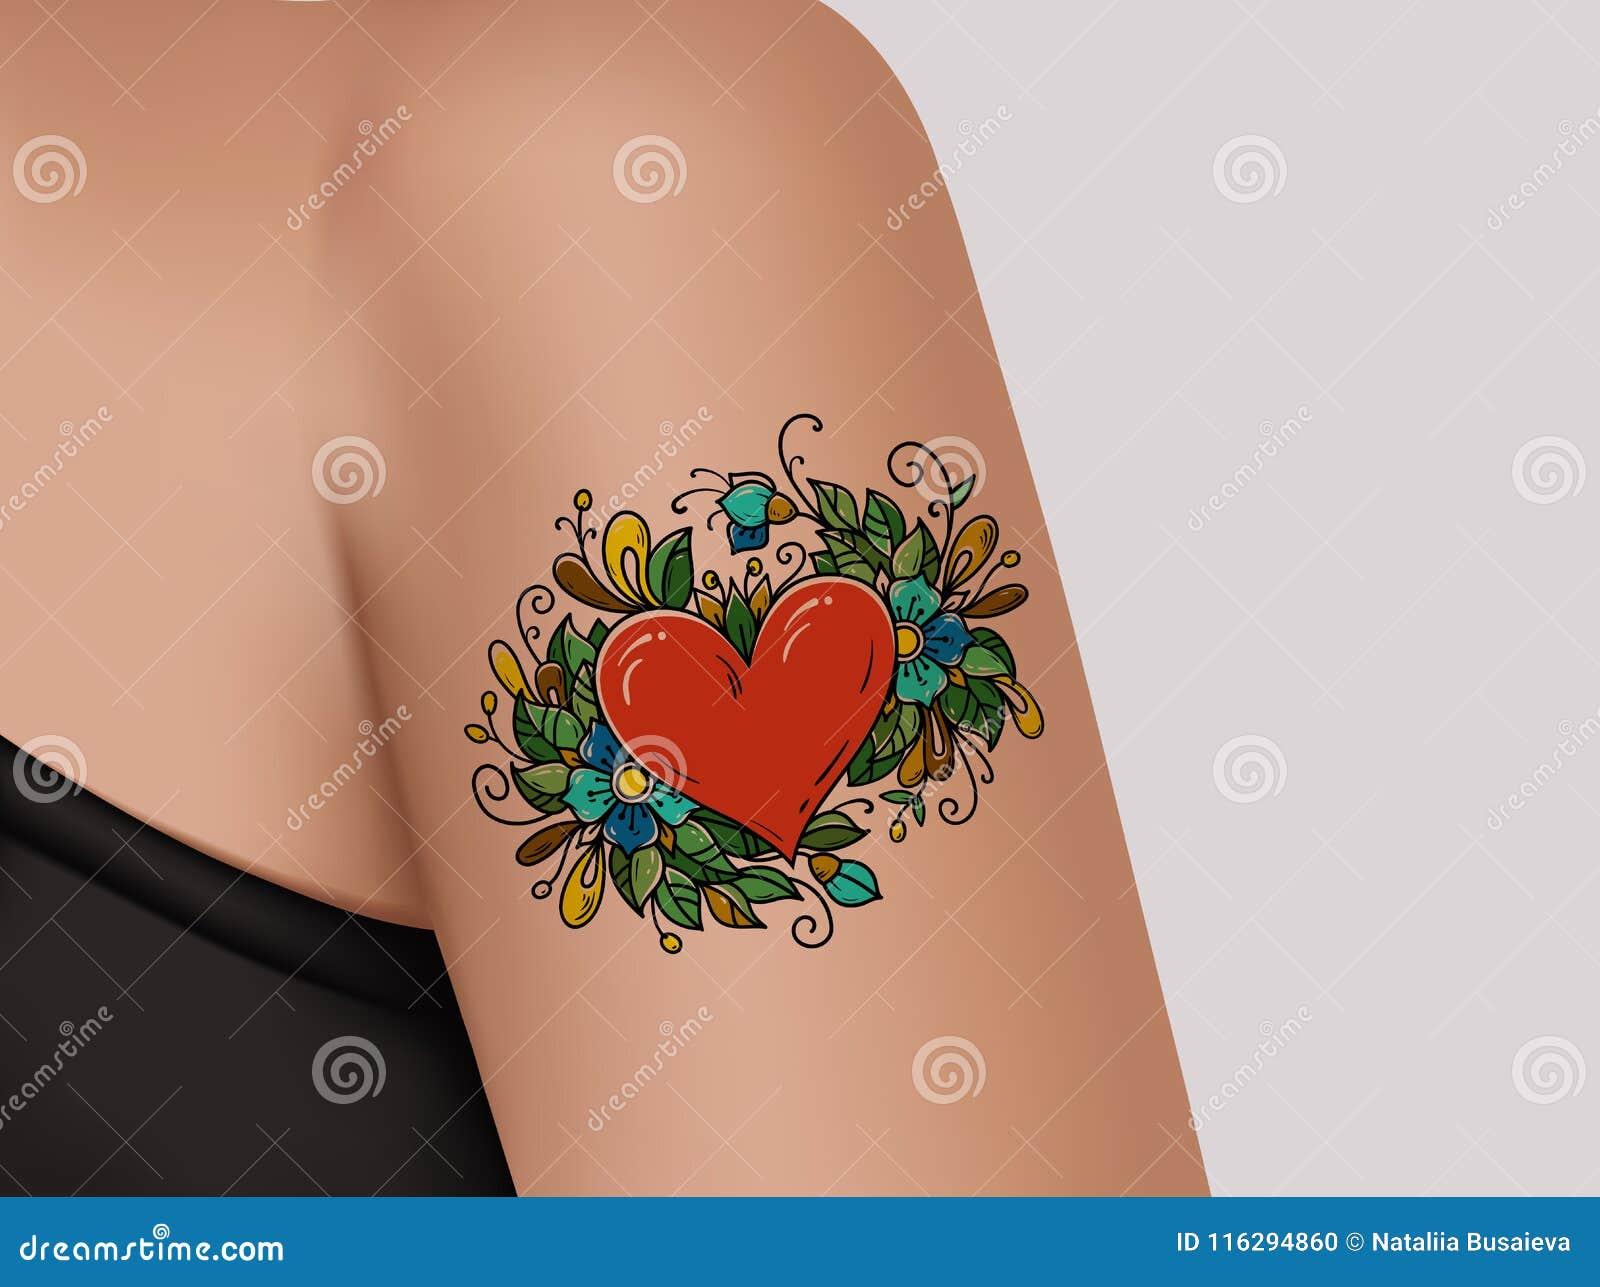 Tatouage Sur L Epaule Coeur Decore Des Fleurs Illustration Stock